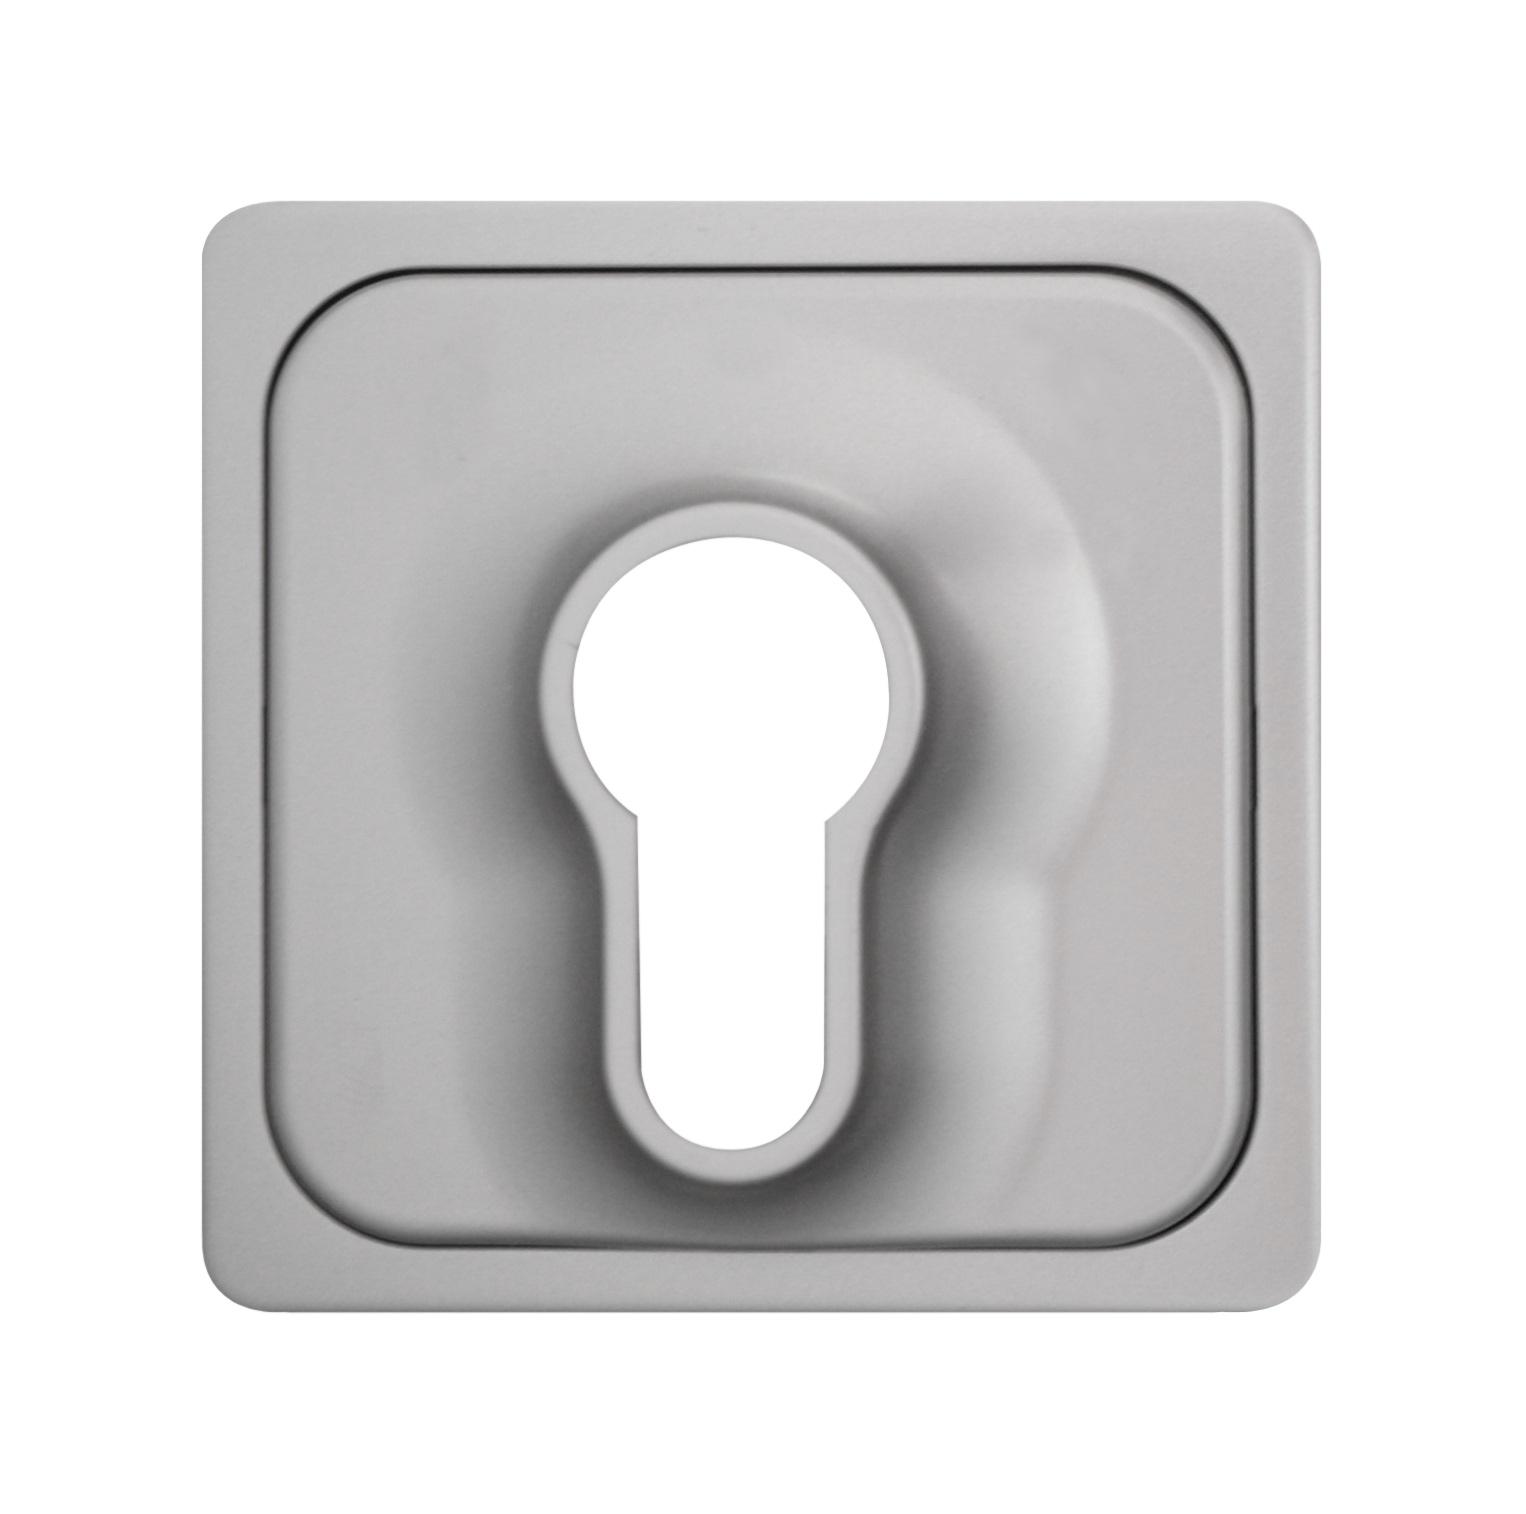 1 Stk Zentralplatte für Schlüsselschalter, Edelstahleffekt EL2030311-